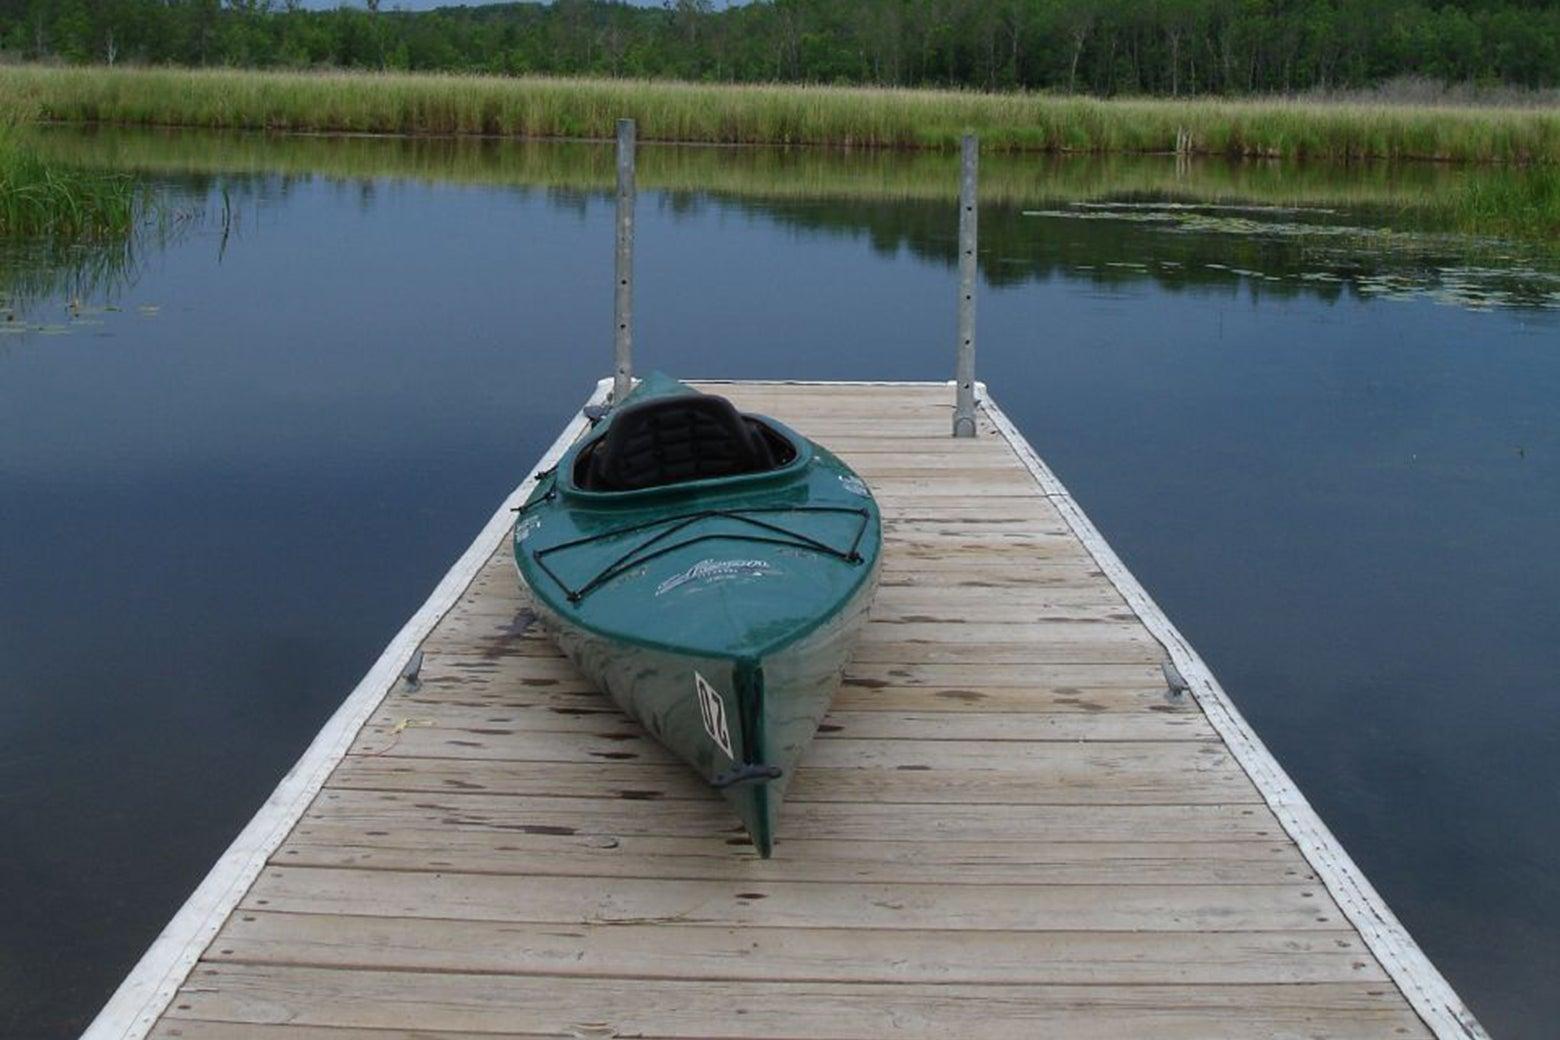 A kayak sitting on a dock.